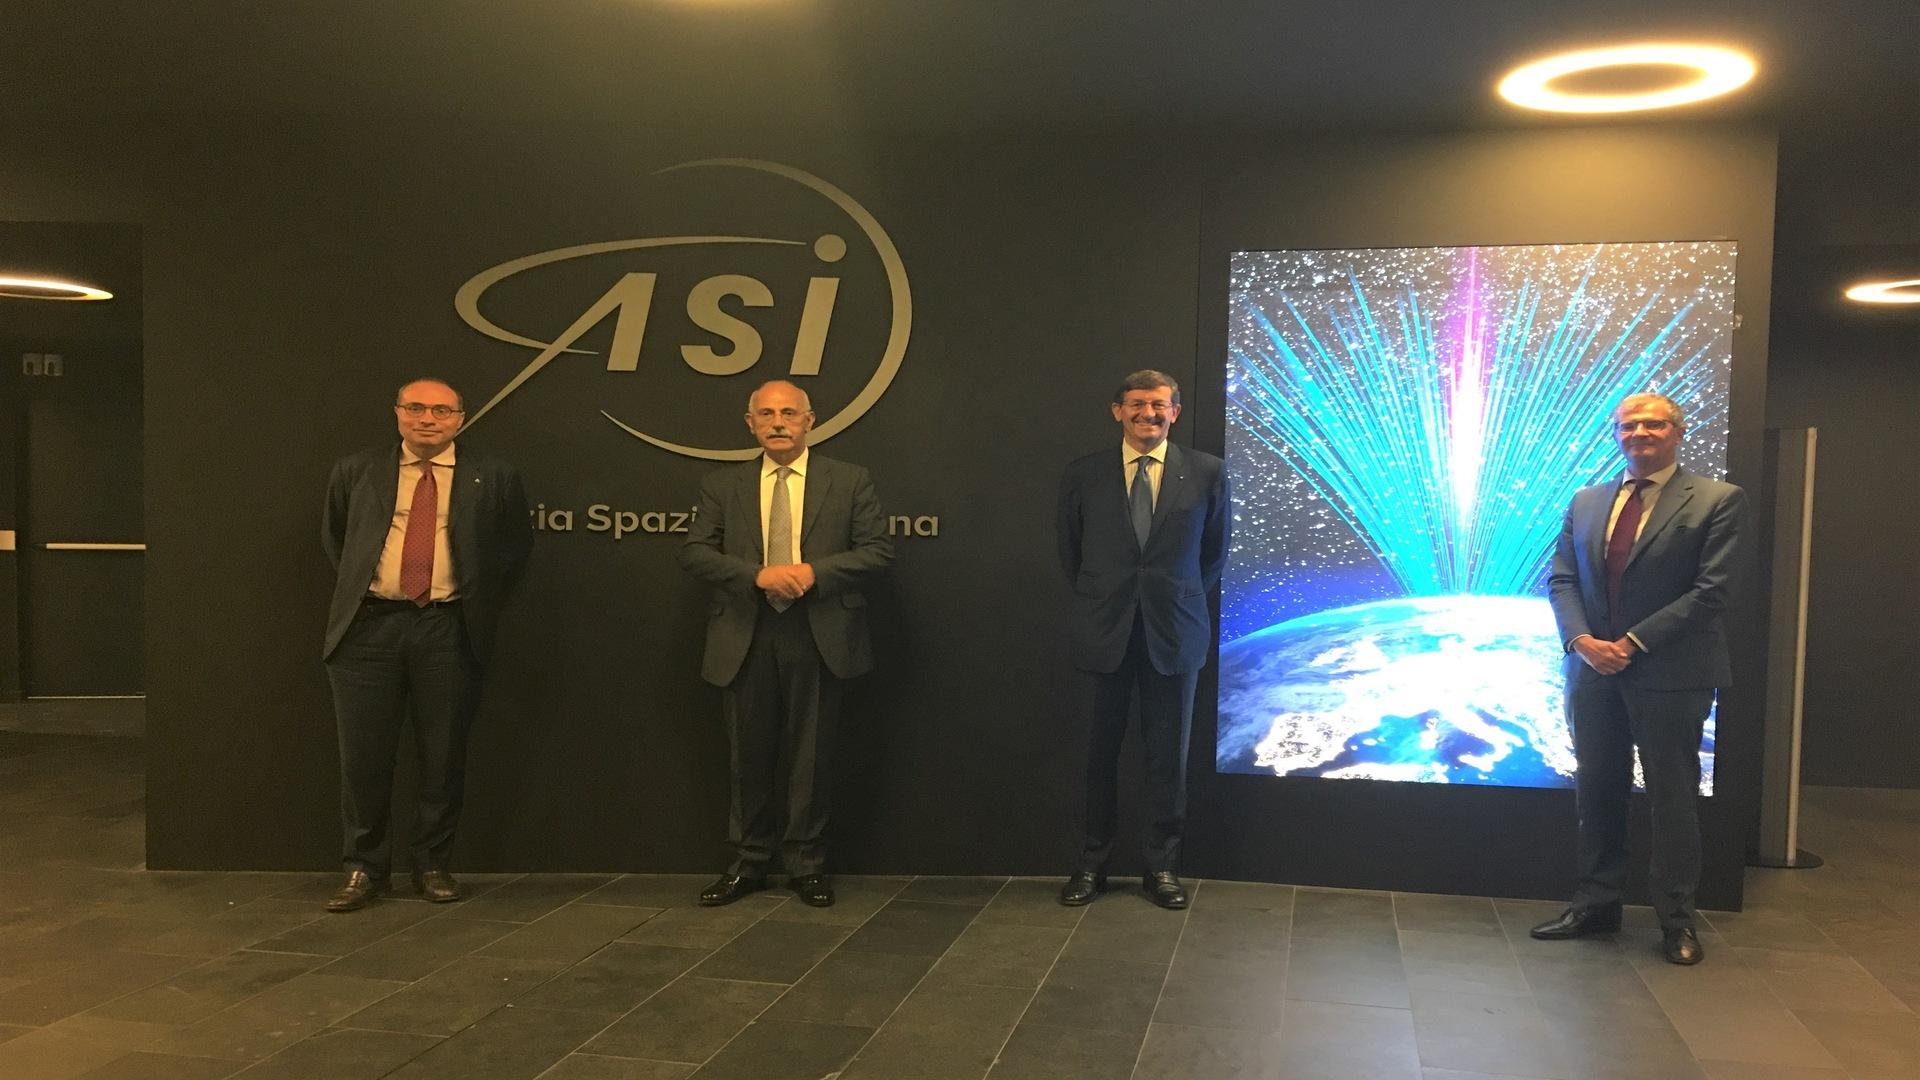 ASI - Vittorio Colao, Ministro per l'innovazione tecnologica e la transizione digitale con delega alle politiche spaziali e aerospaziali in visita all'Agenzia Spaziale Italiana